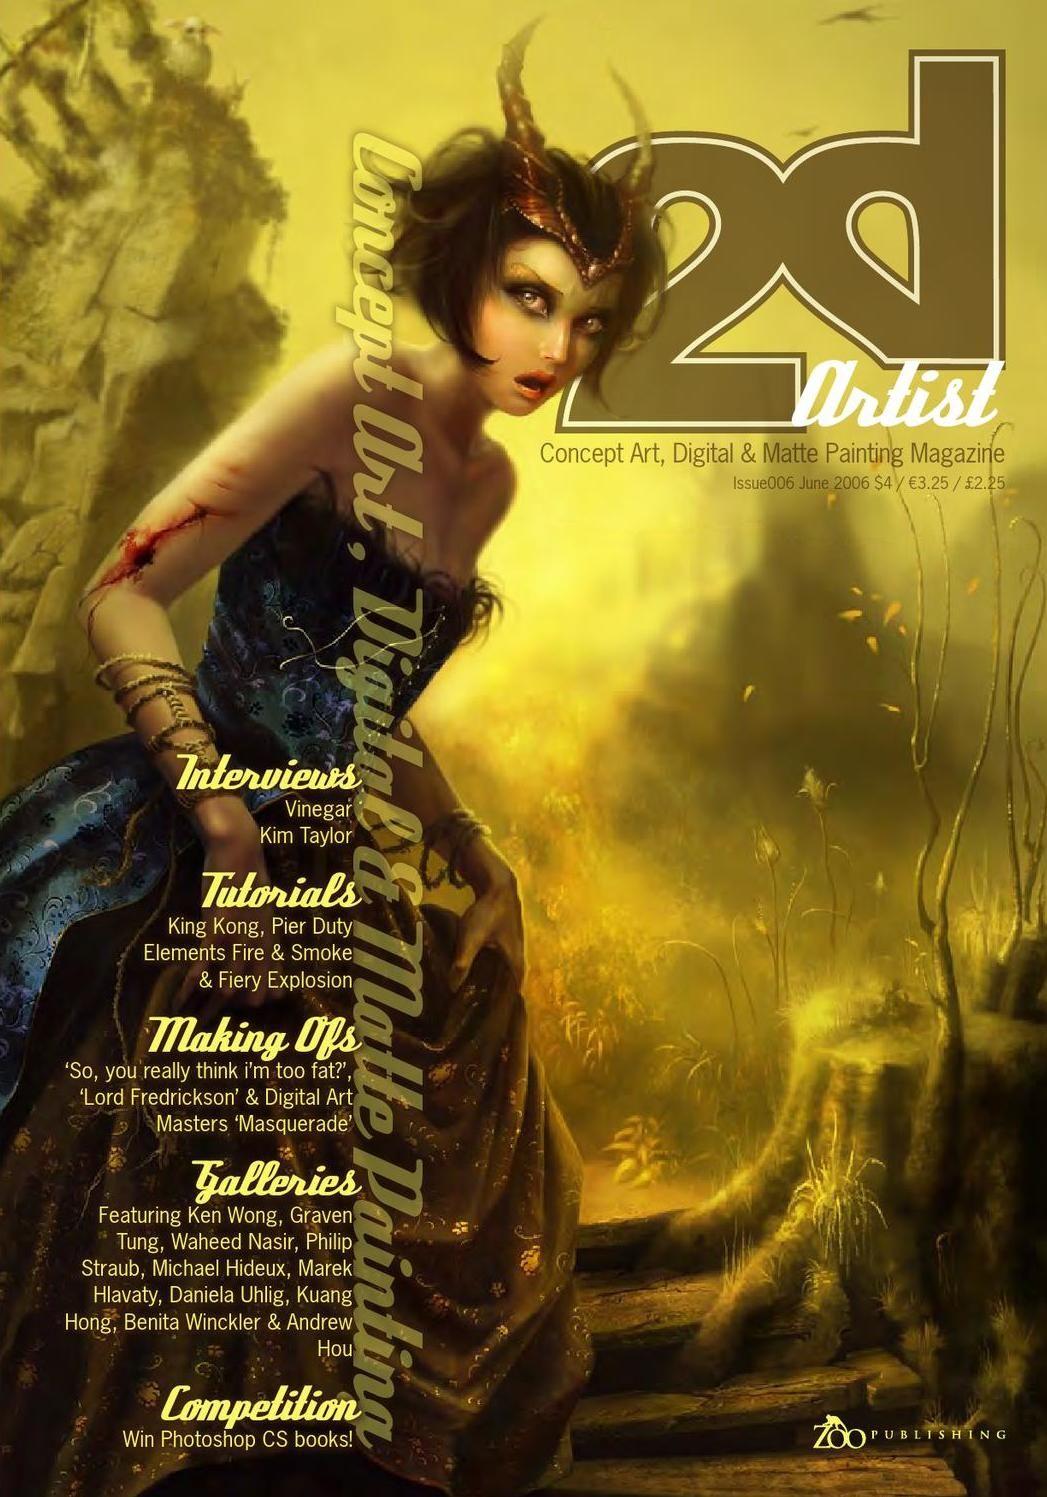 #ClippedOnIssuu from 2DArtist Magazine Issue 006 June 2006